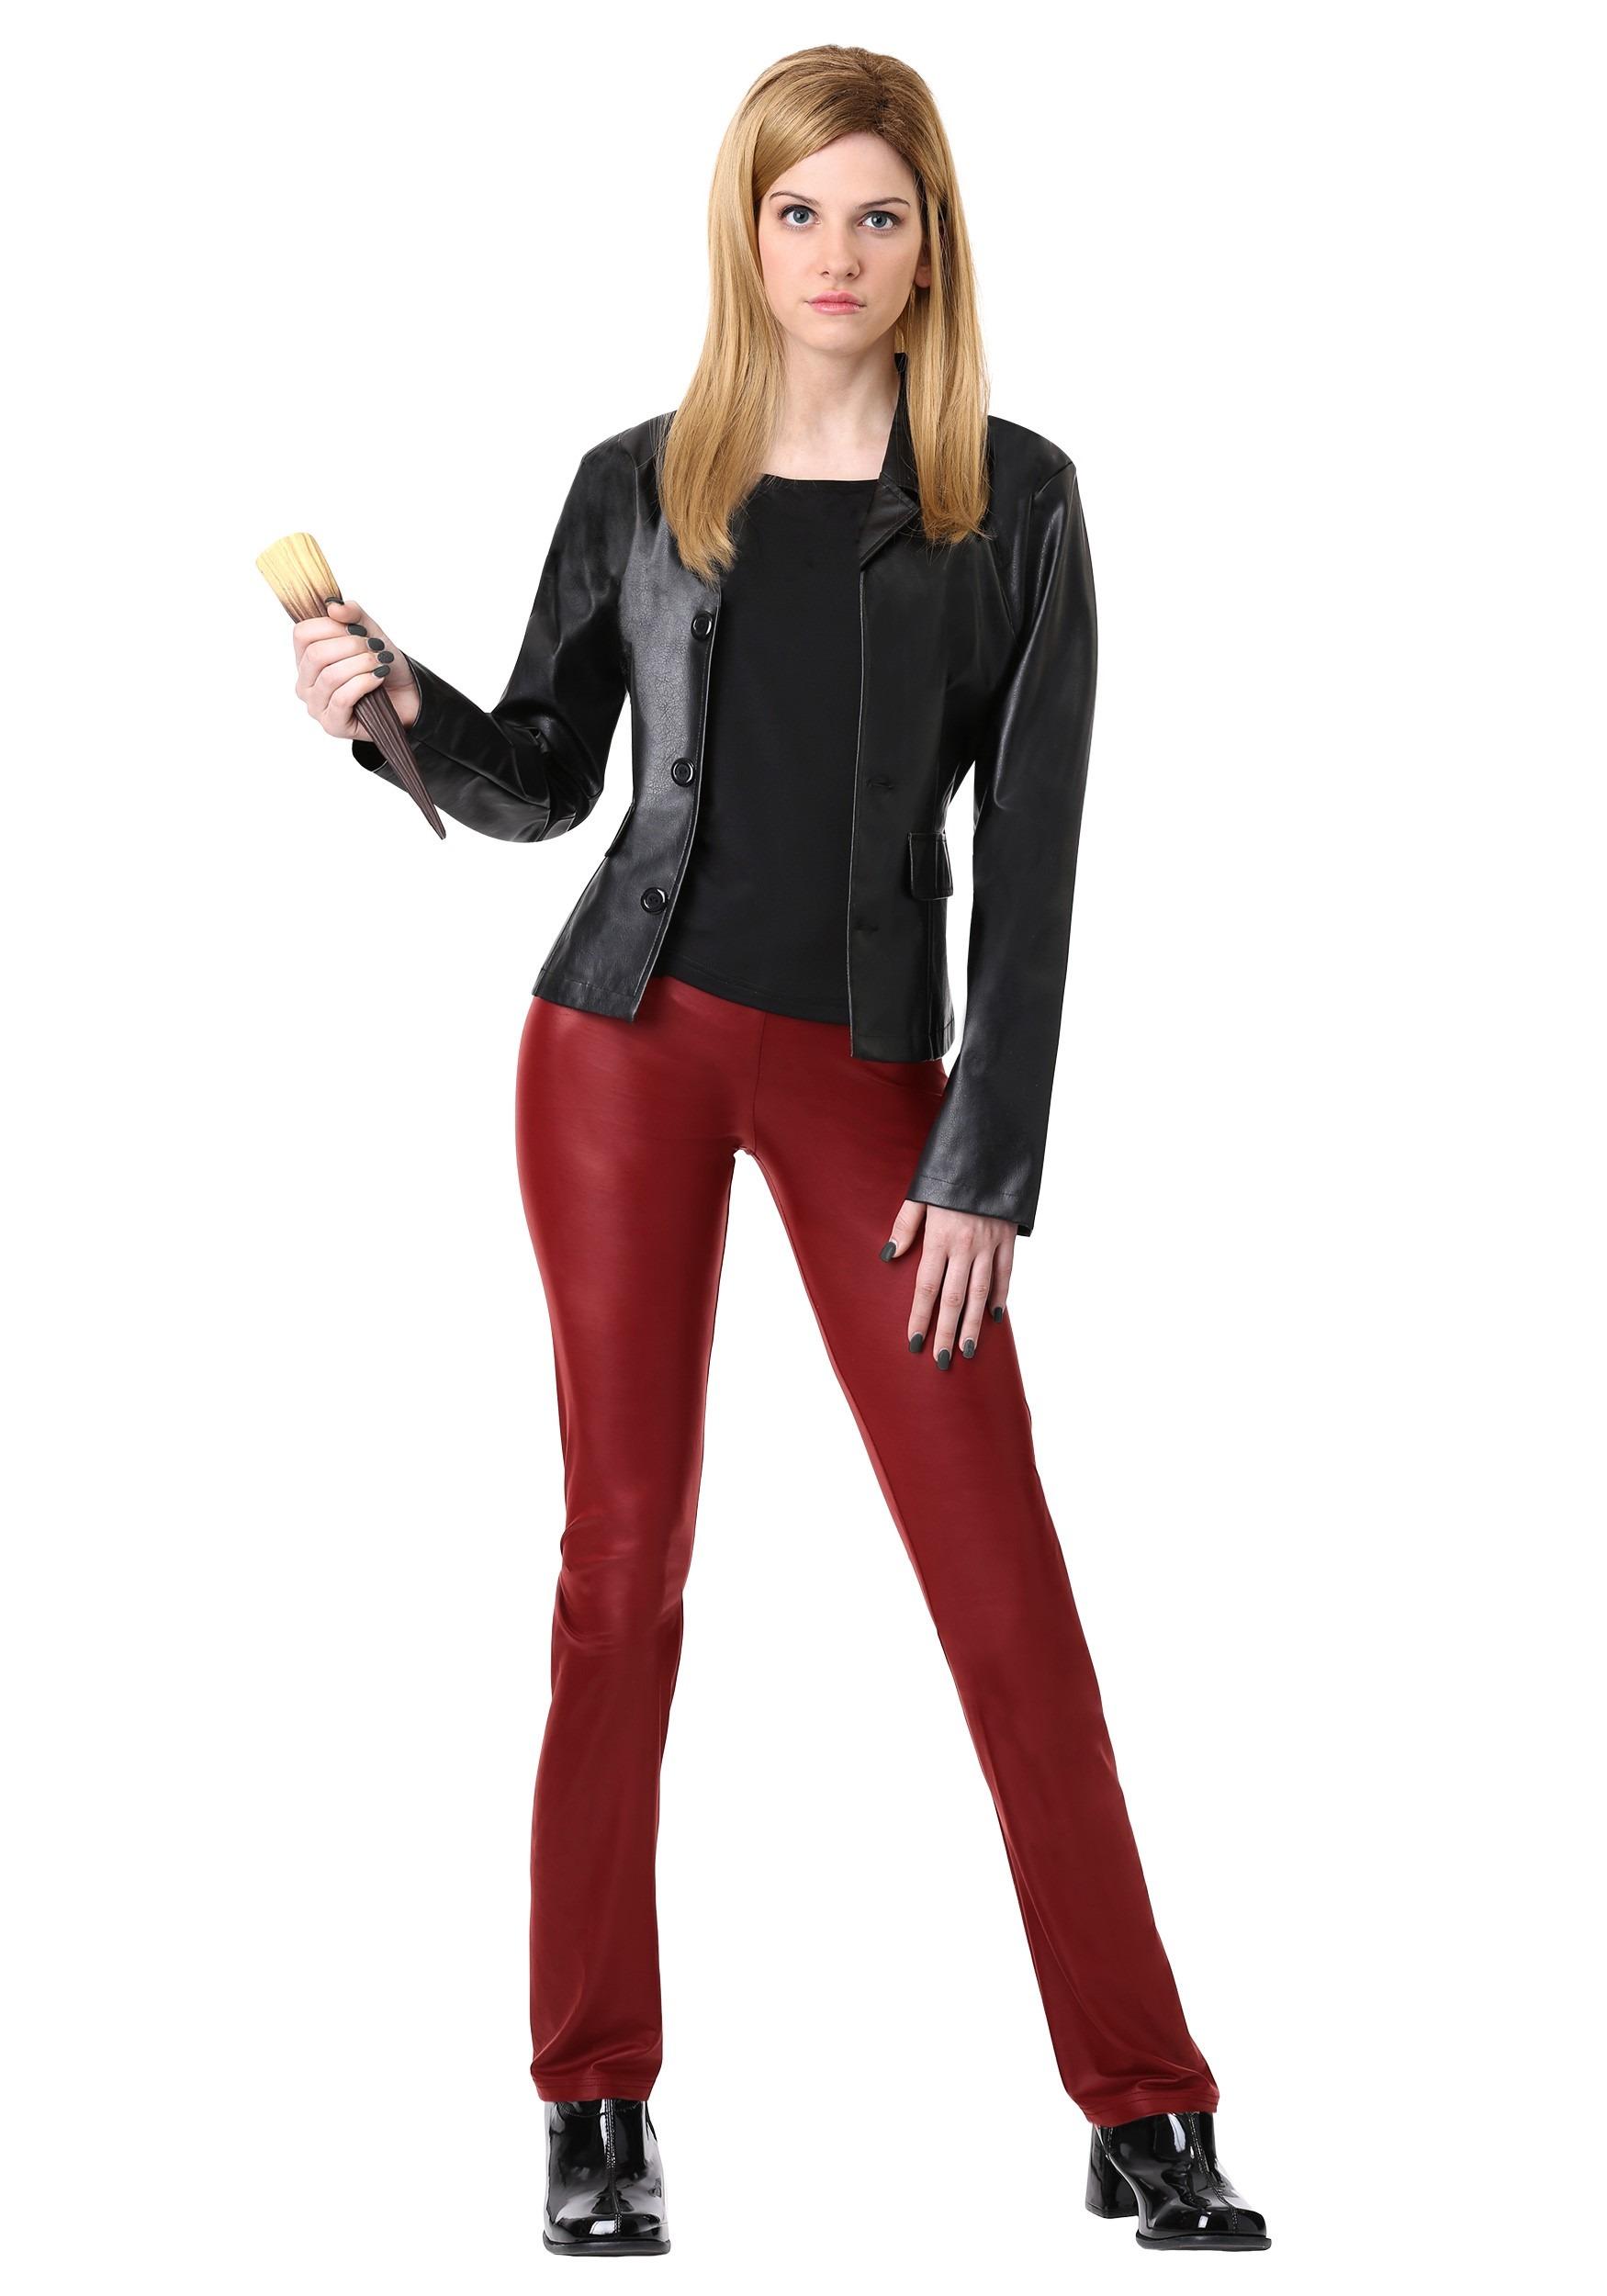 Womens Buffy the Vampire Slayer Costume